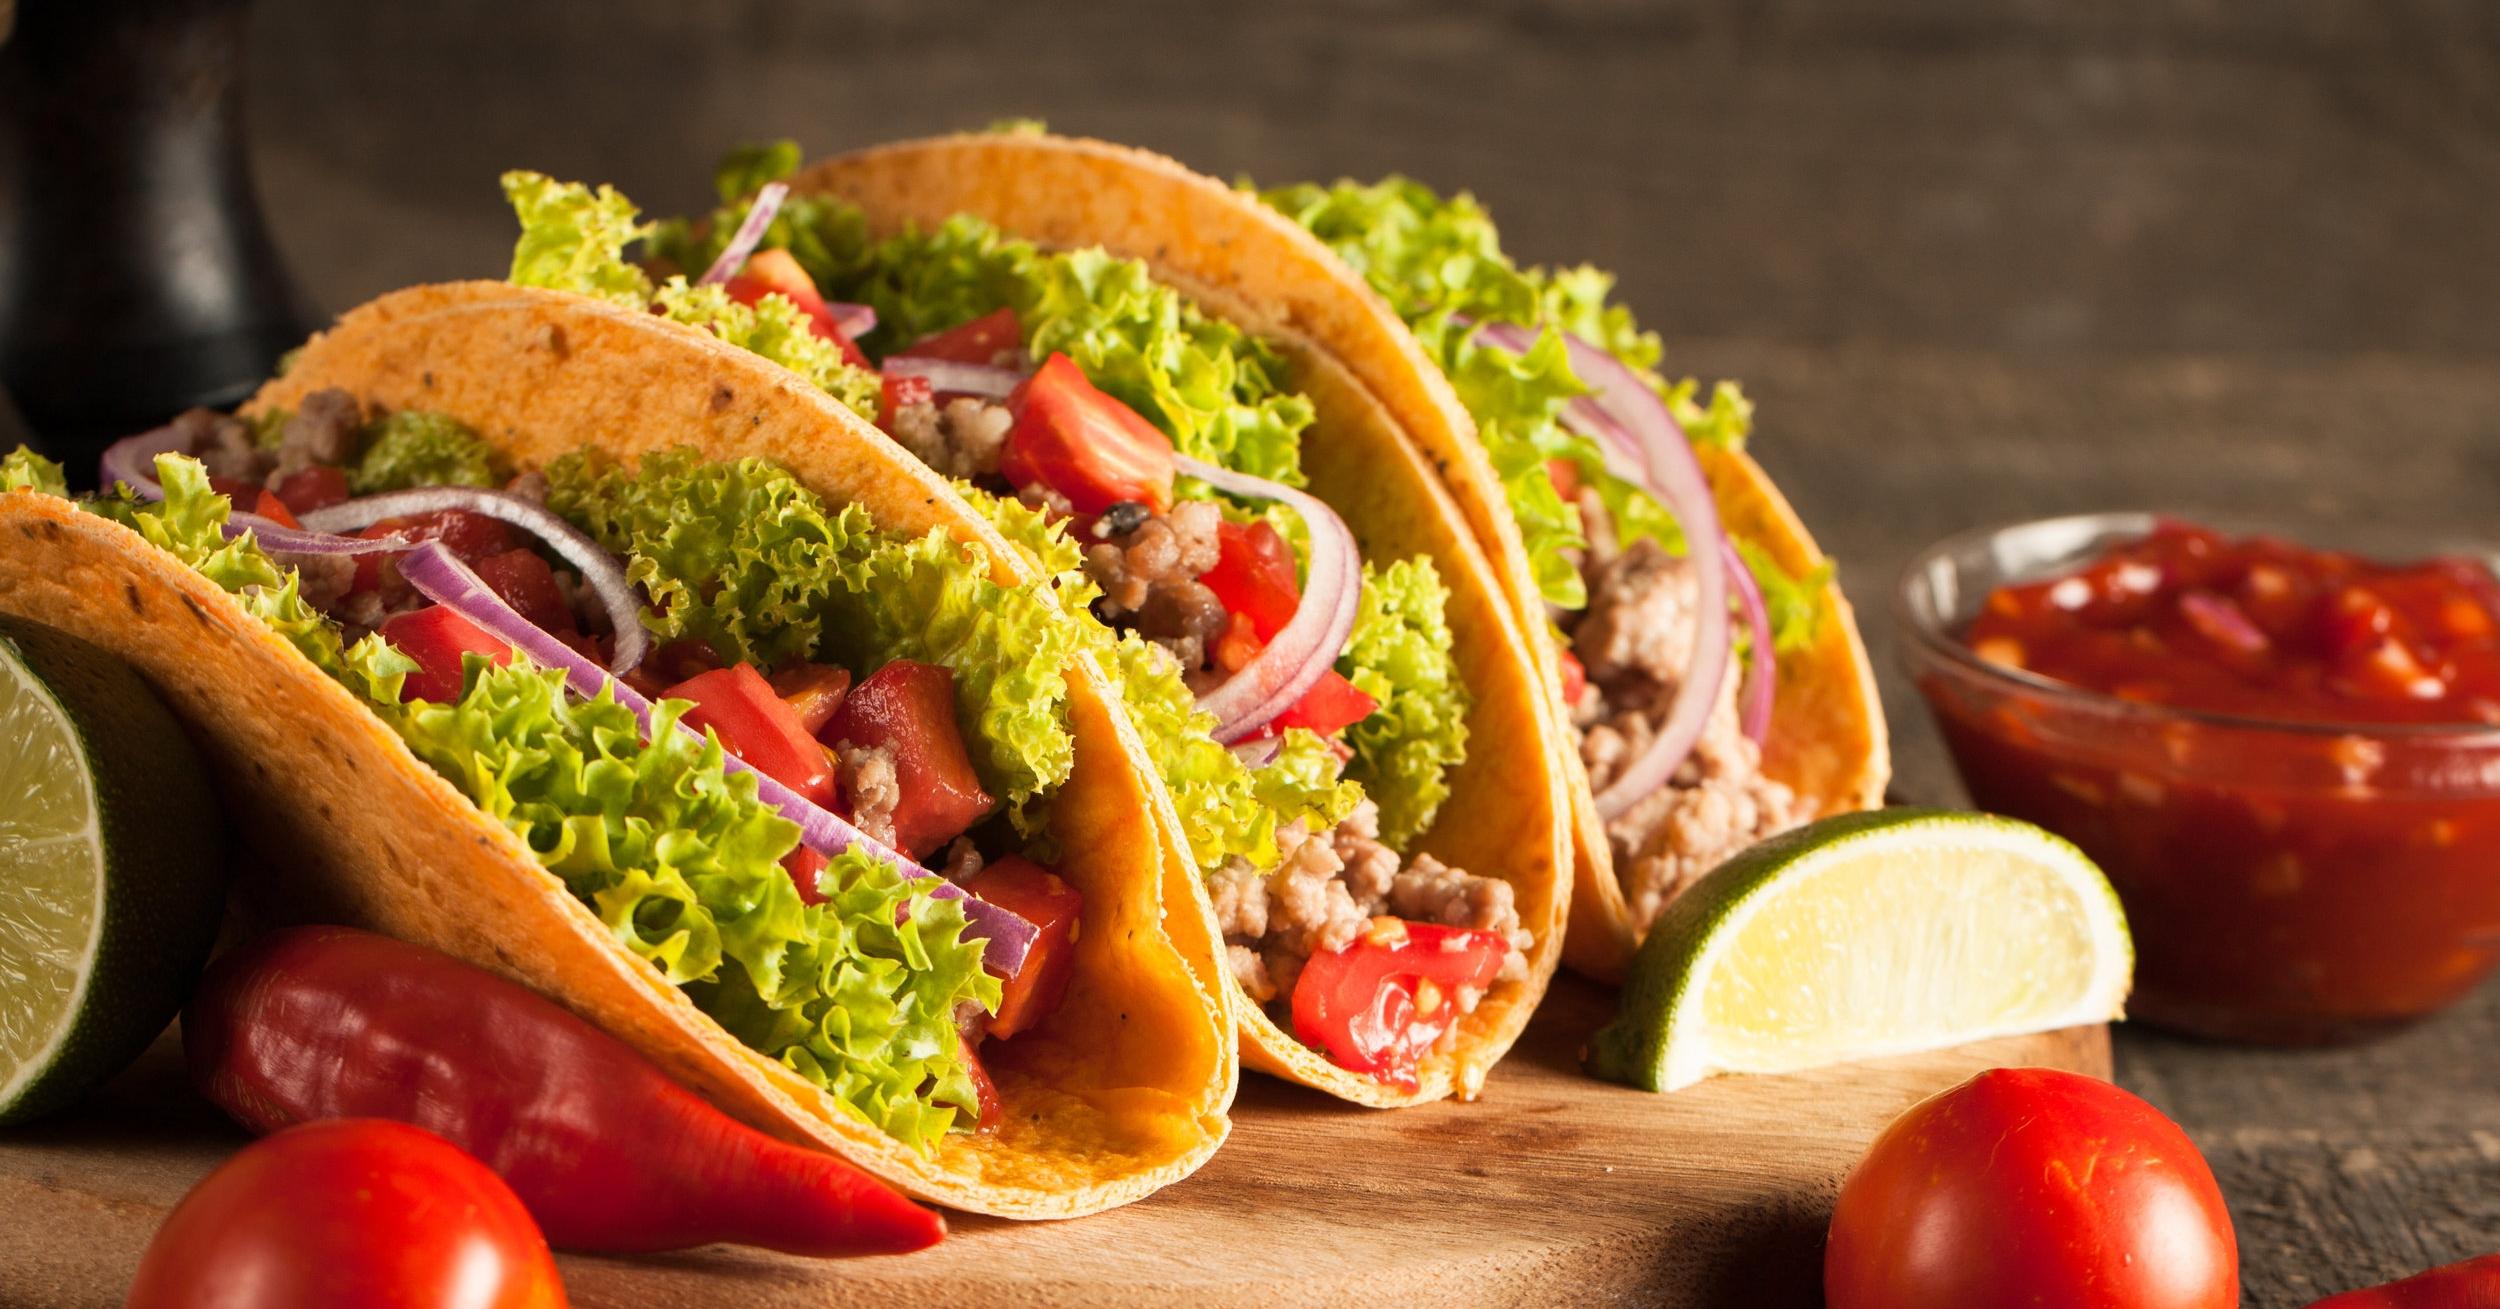 vegan-meatlesss-ground-beef-tacos-plant-101.jpg